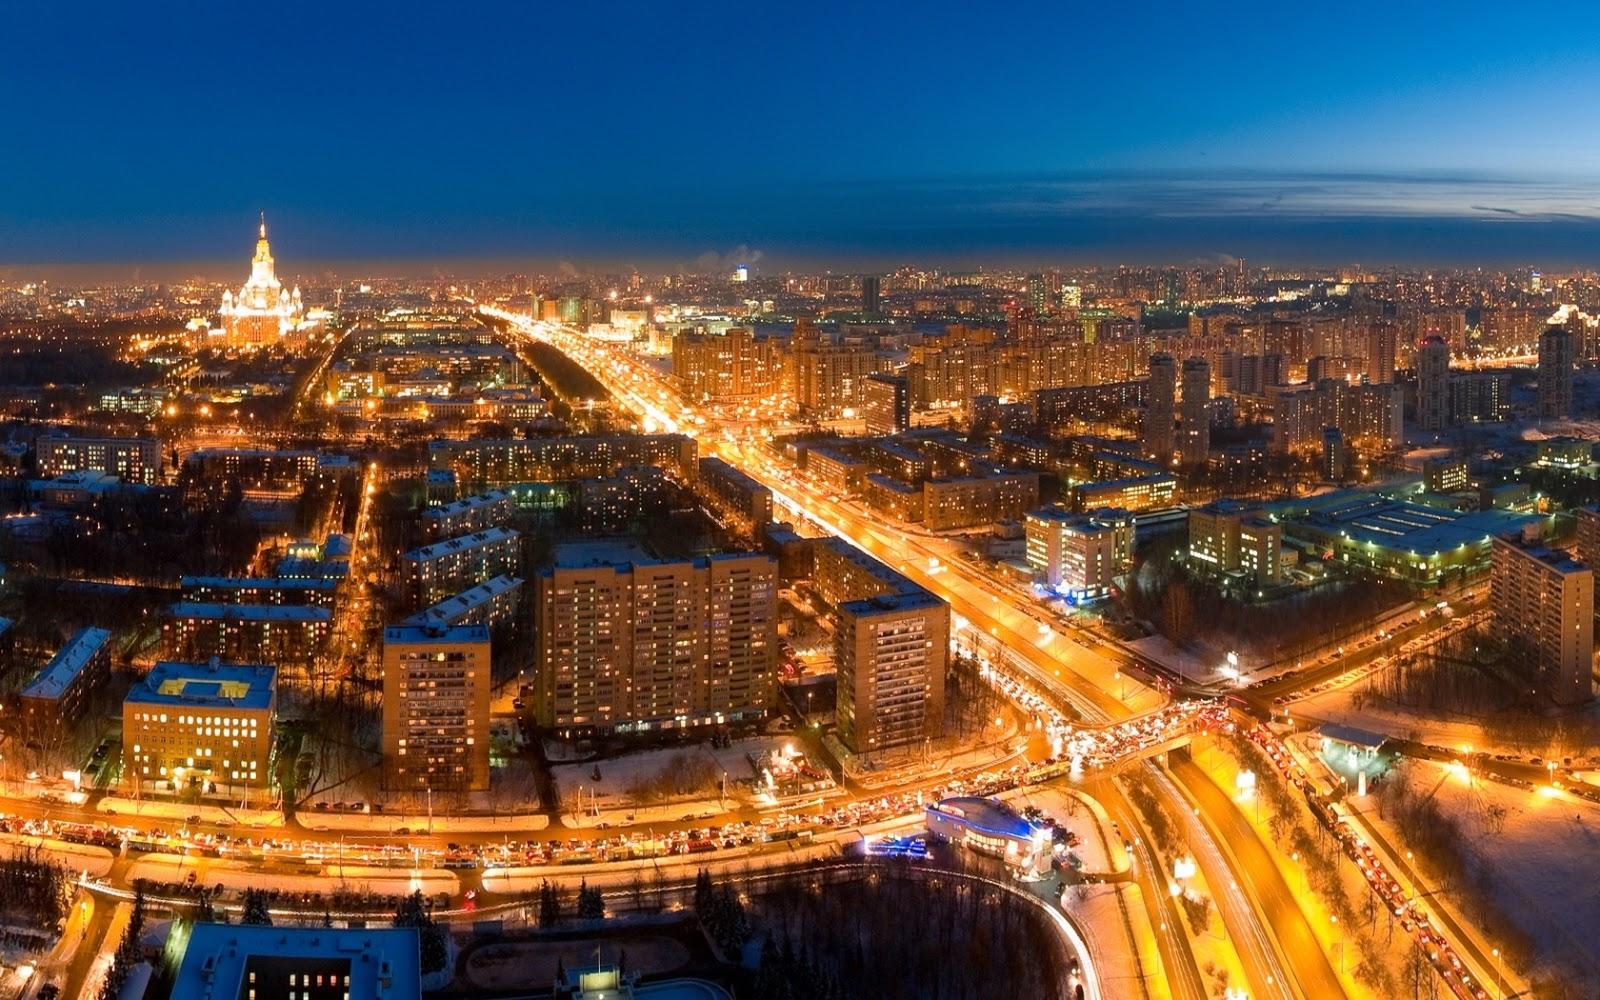 фотографии города старобельская